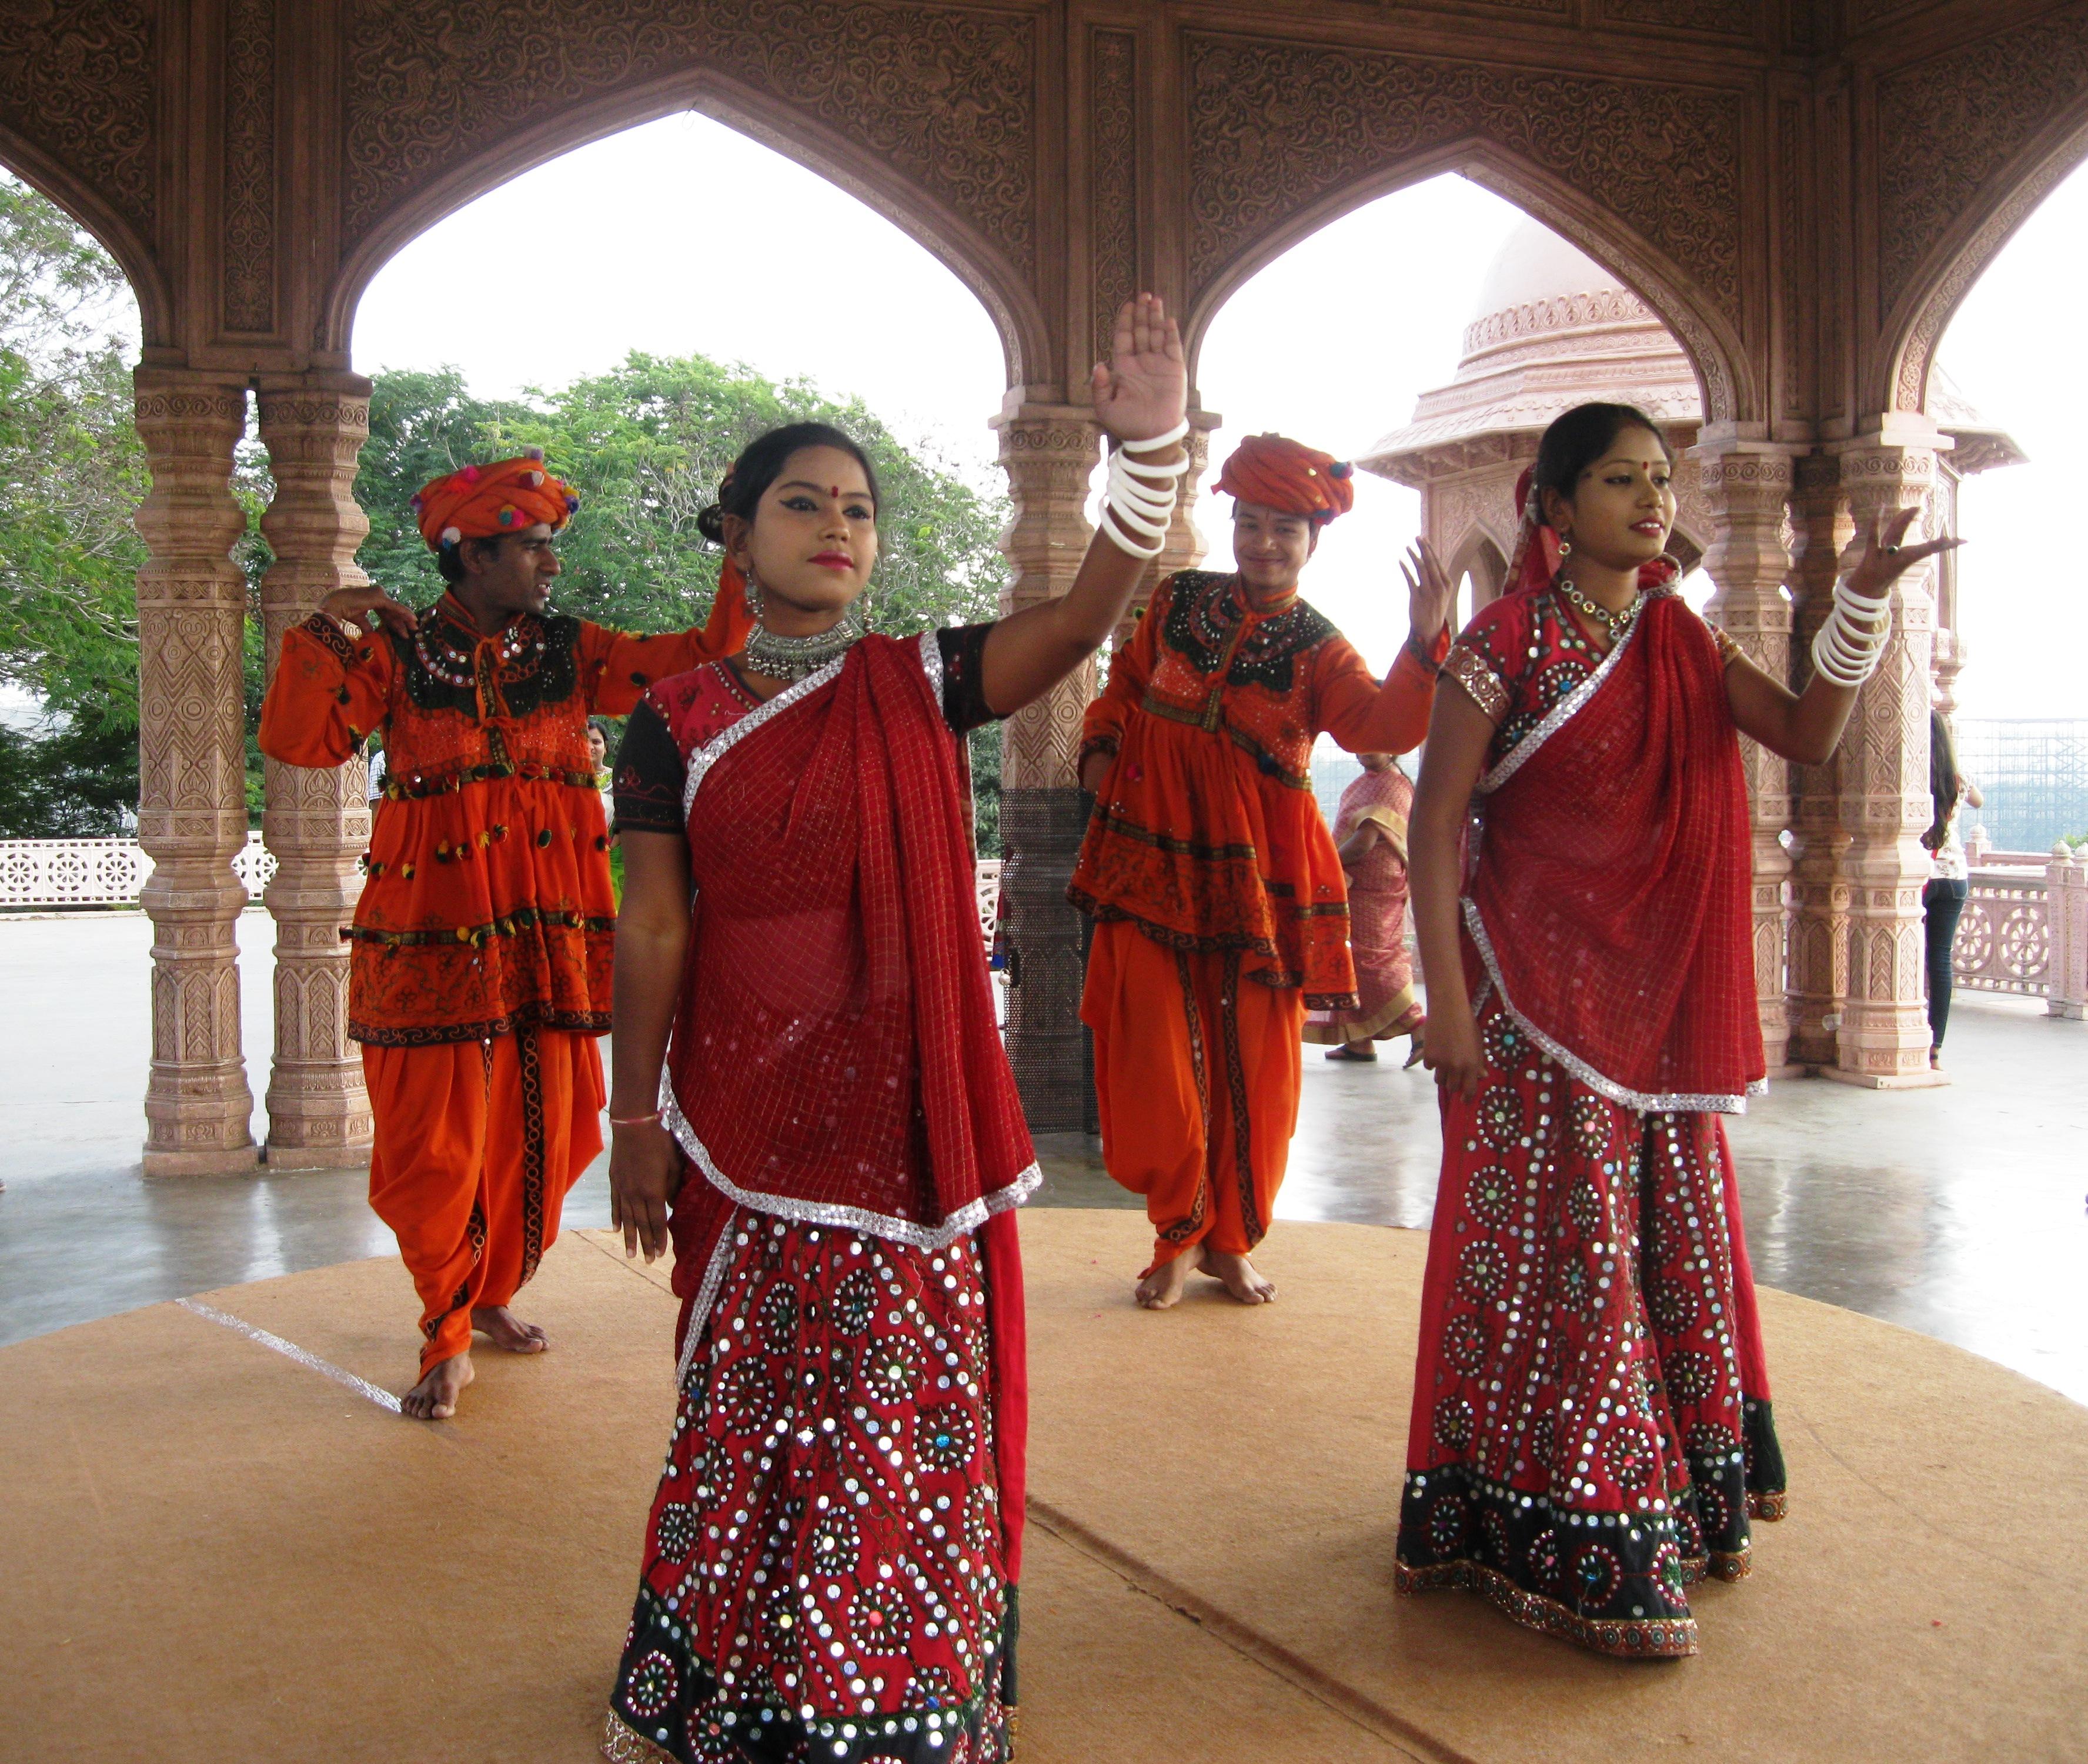 Kalbelia dance performance at Jaipur Kalbelia folk songs and dances of Rajasthan - India Oindrila De